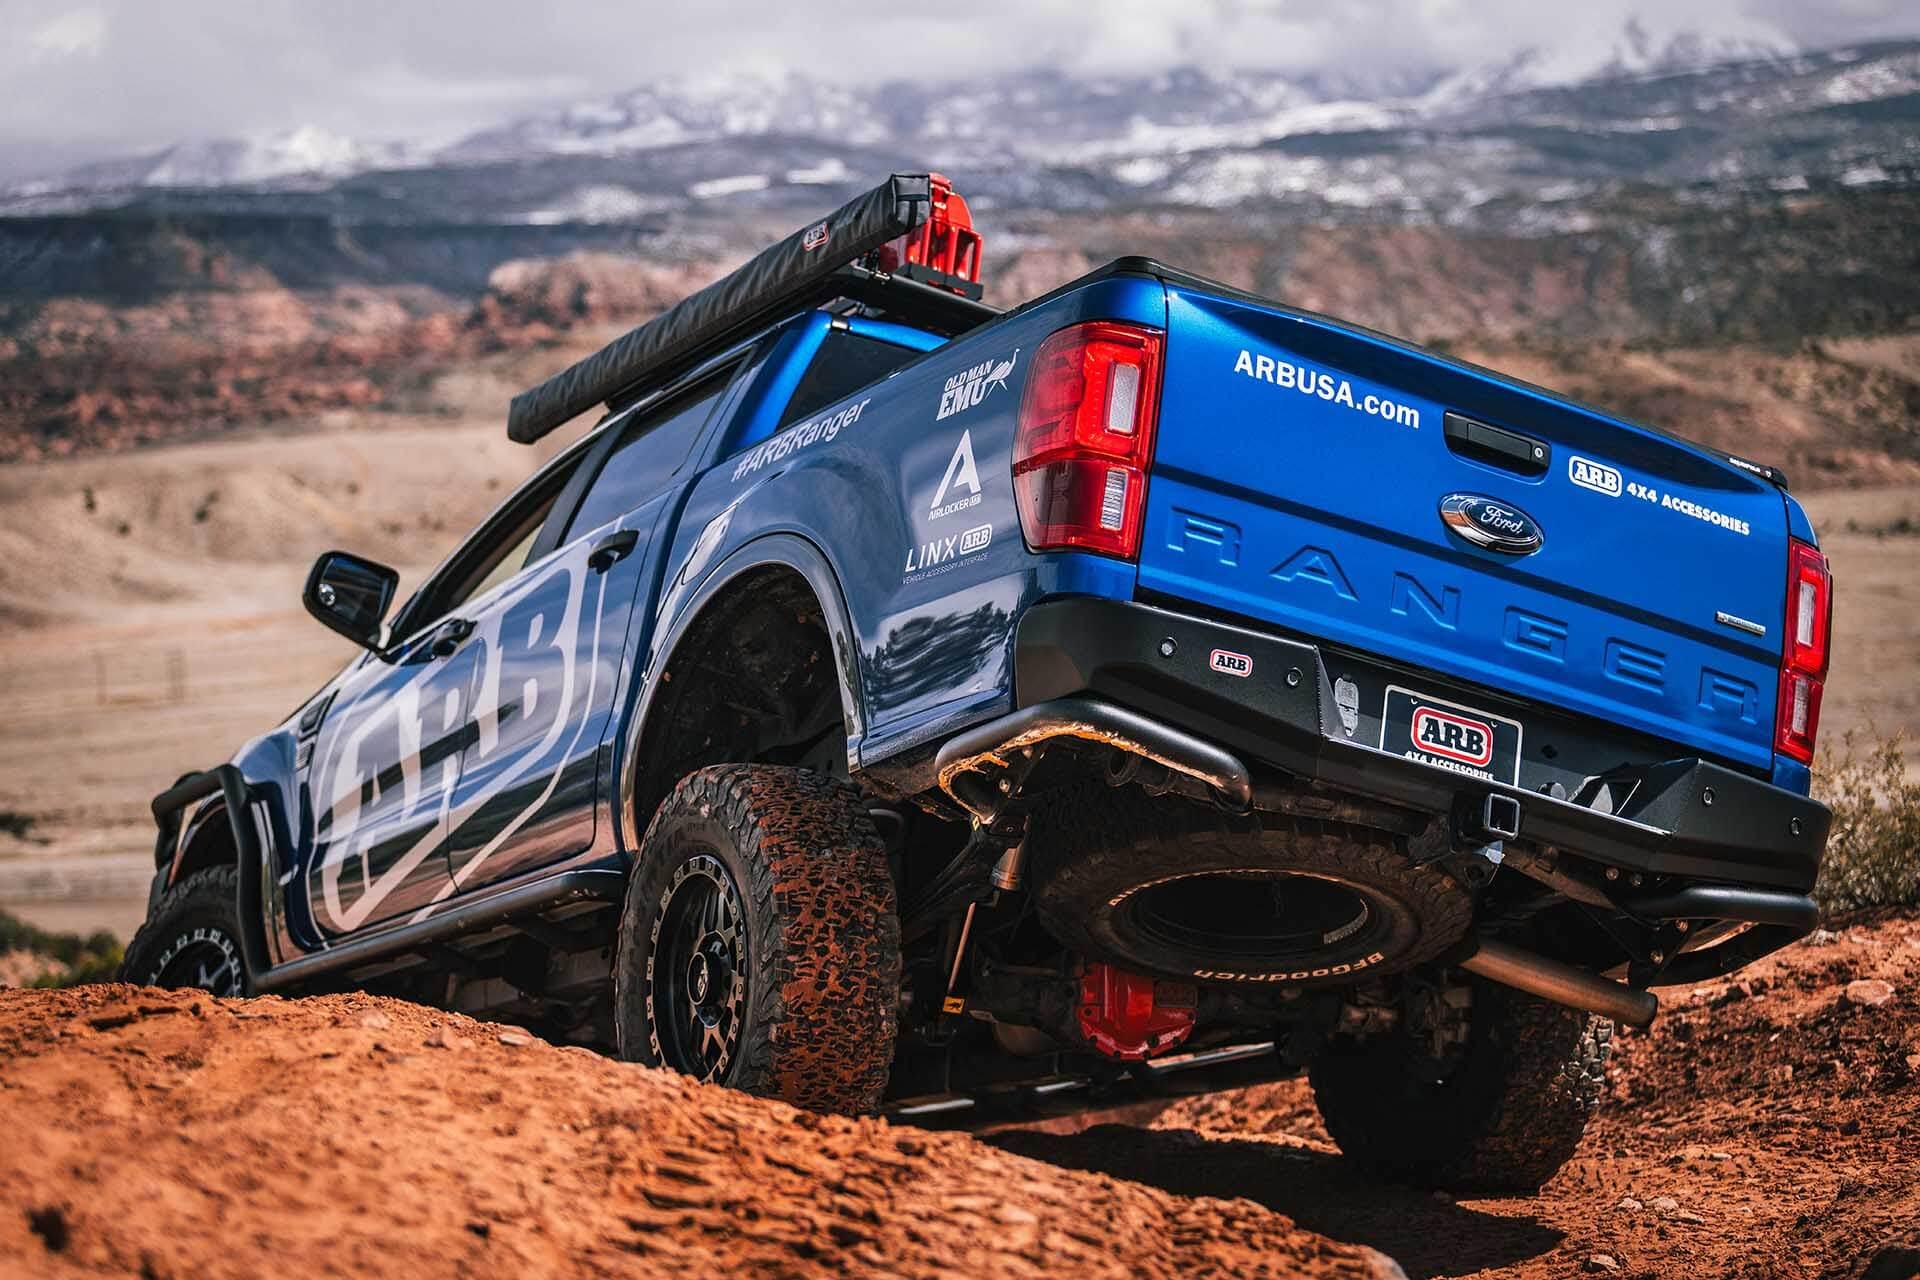 Ford Ranger Moab Rear